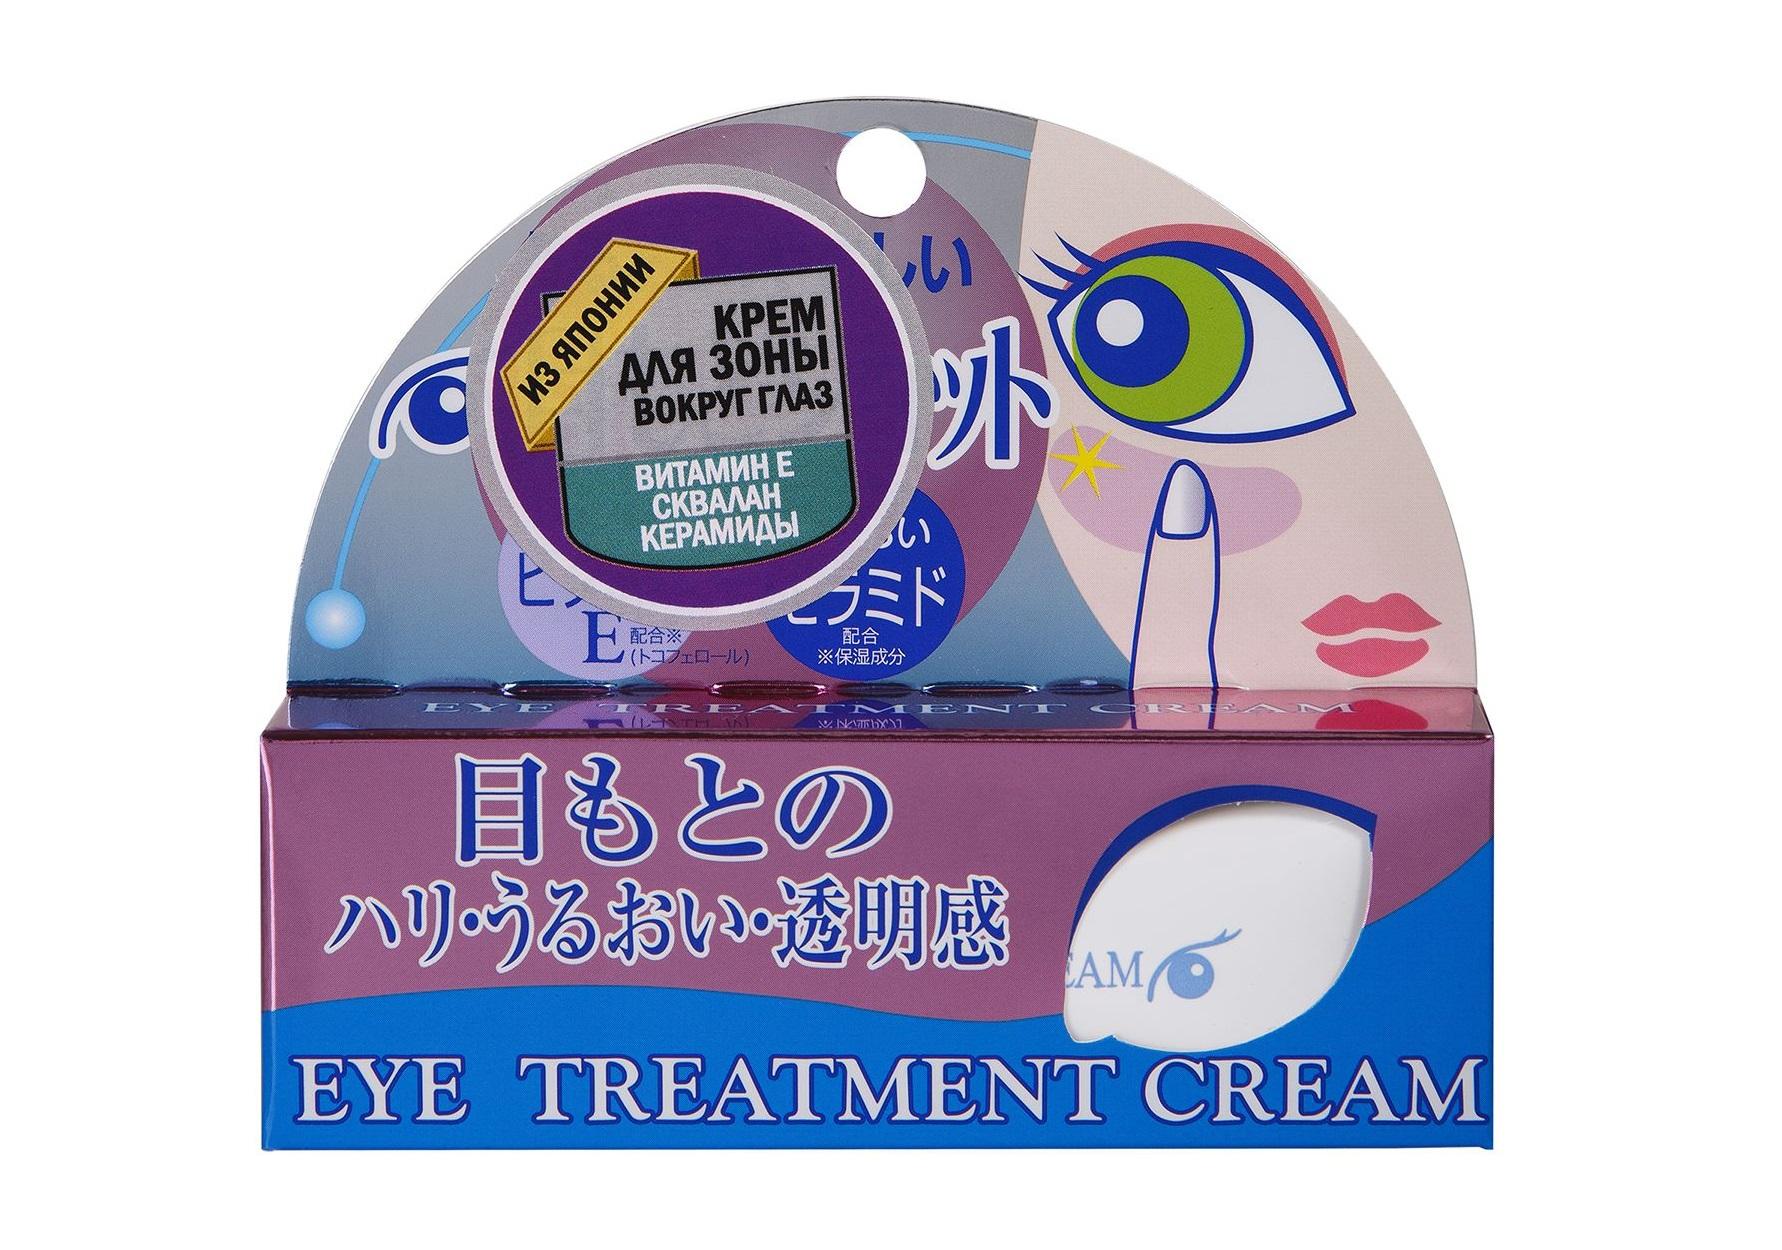 COSMETEX ROLAND Крем для зоны вокруг глаз, увлажнение, сияние, упругость / Other Skin Care 20 г